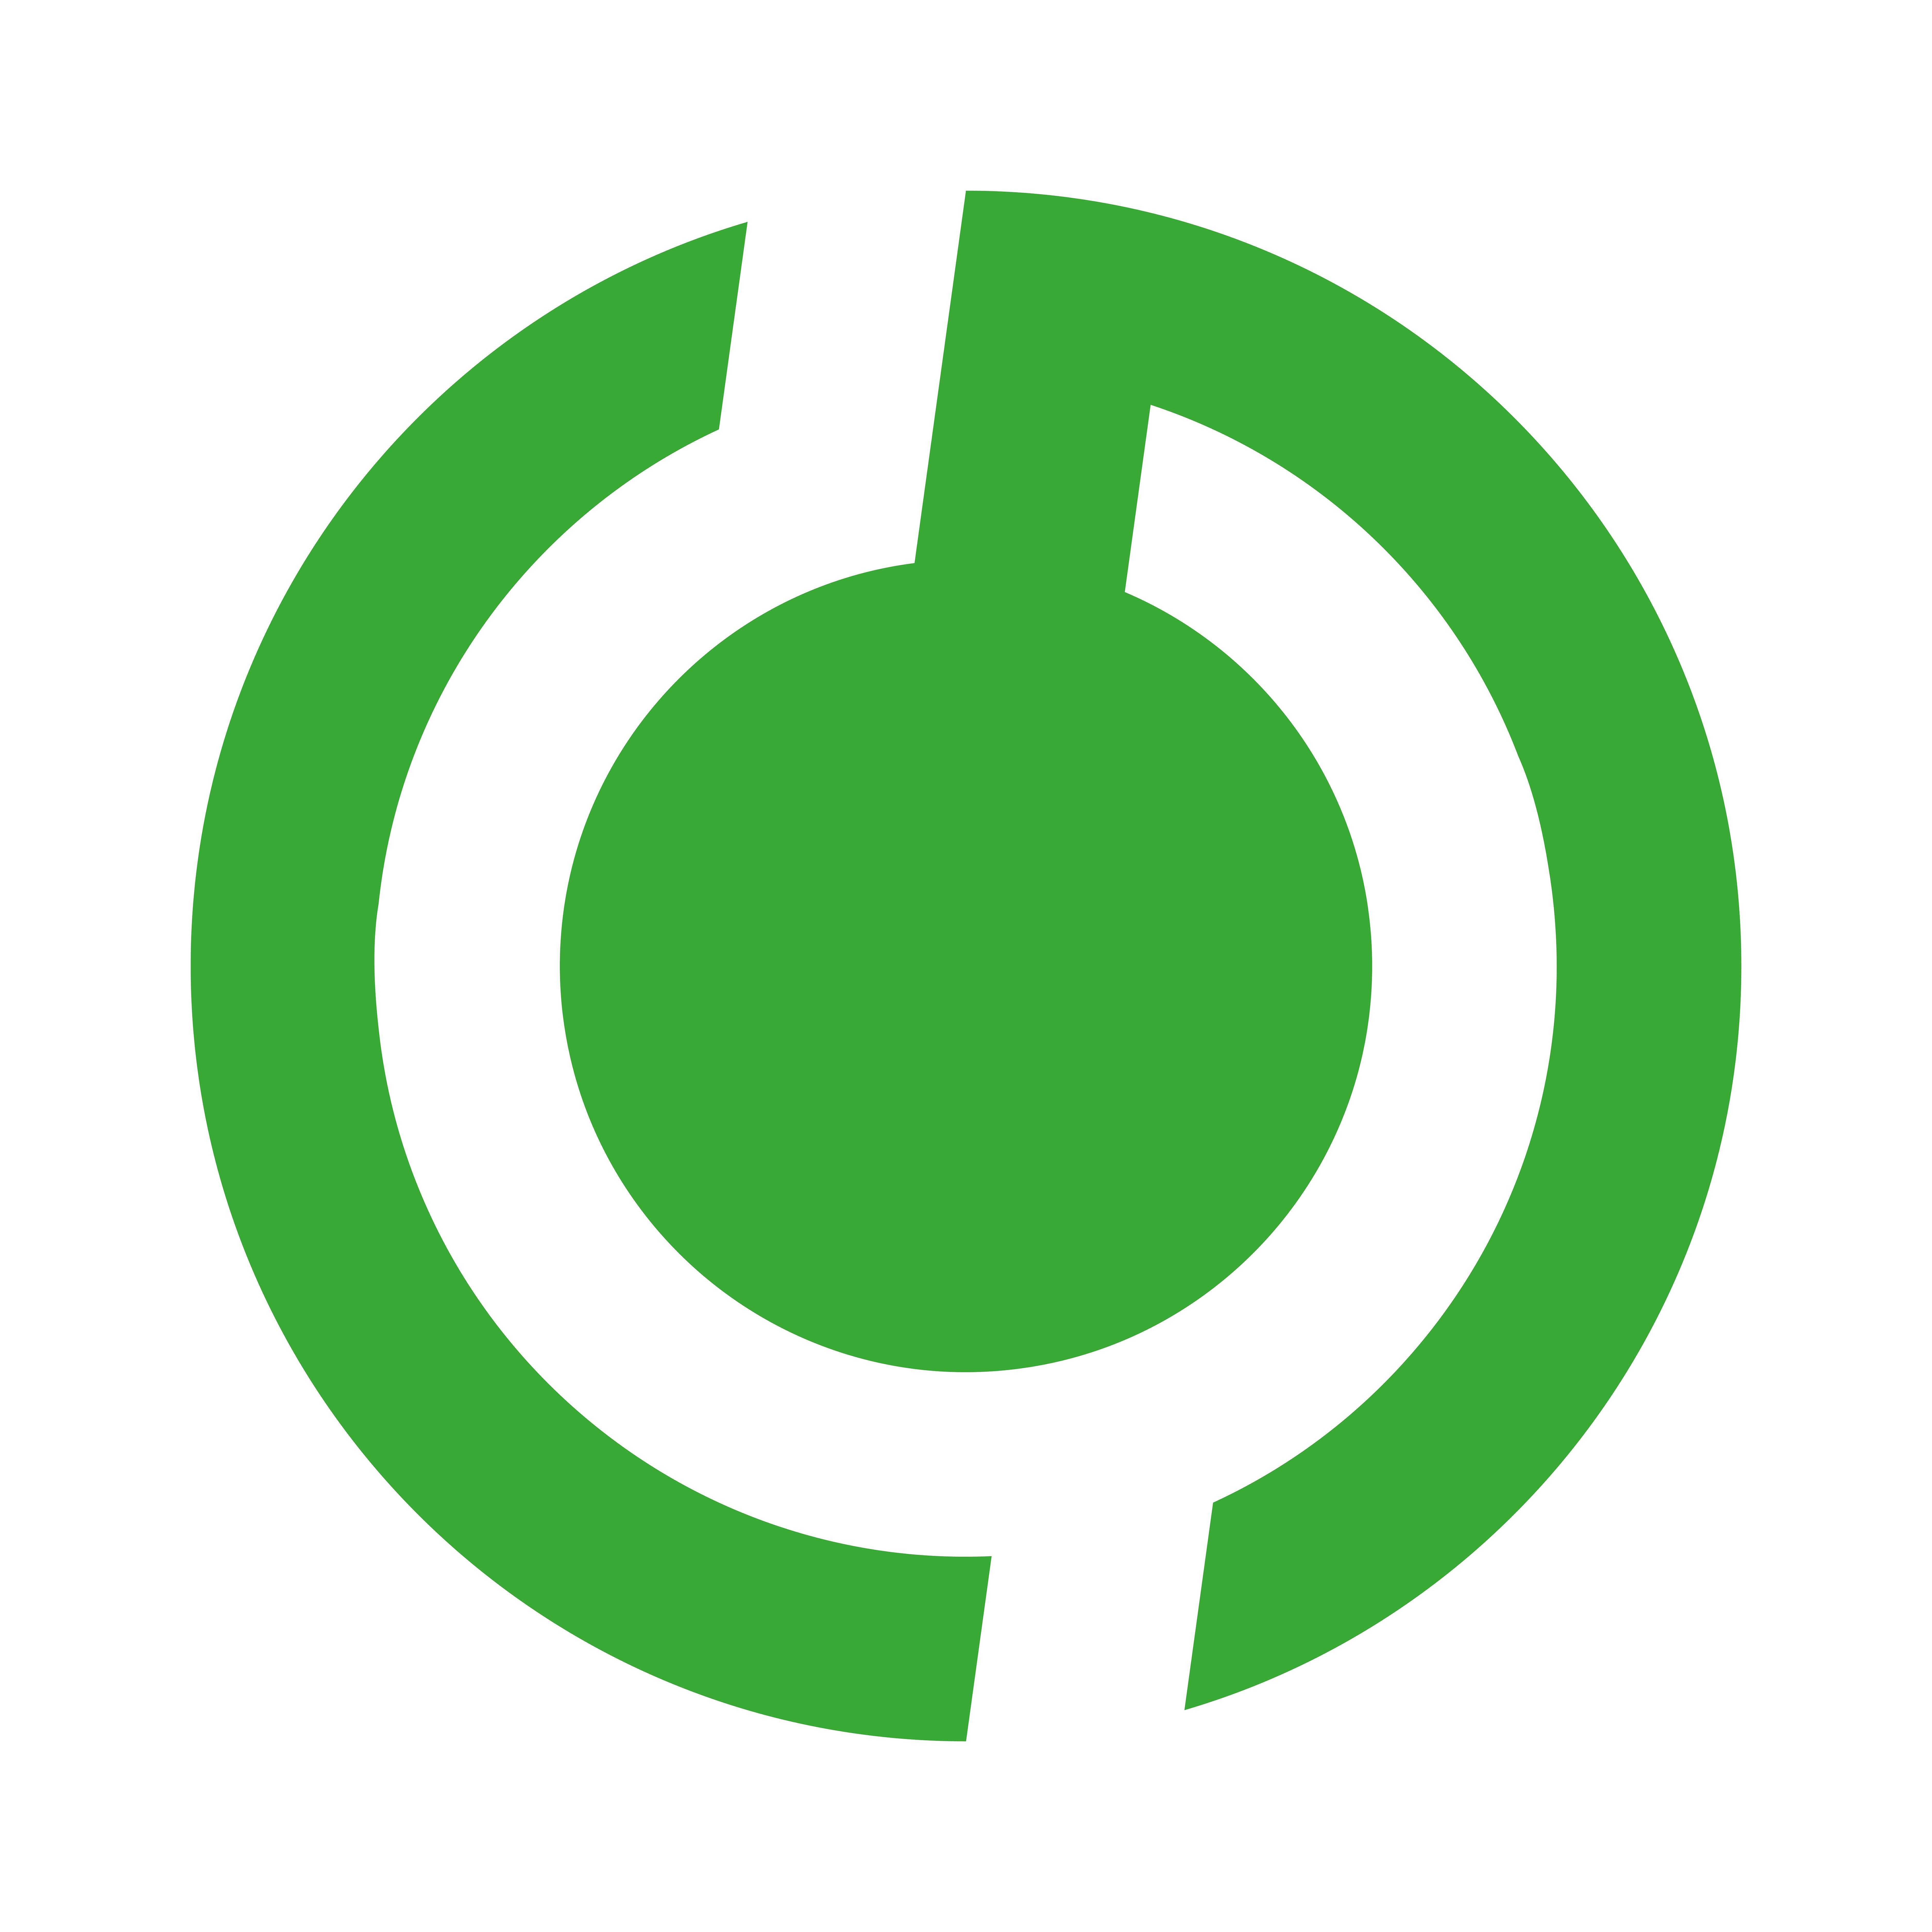 CSPR DESIGN logo by Floodgrunt